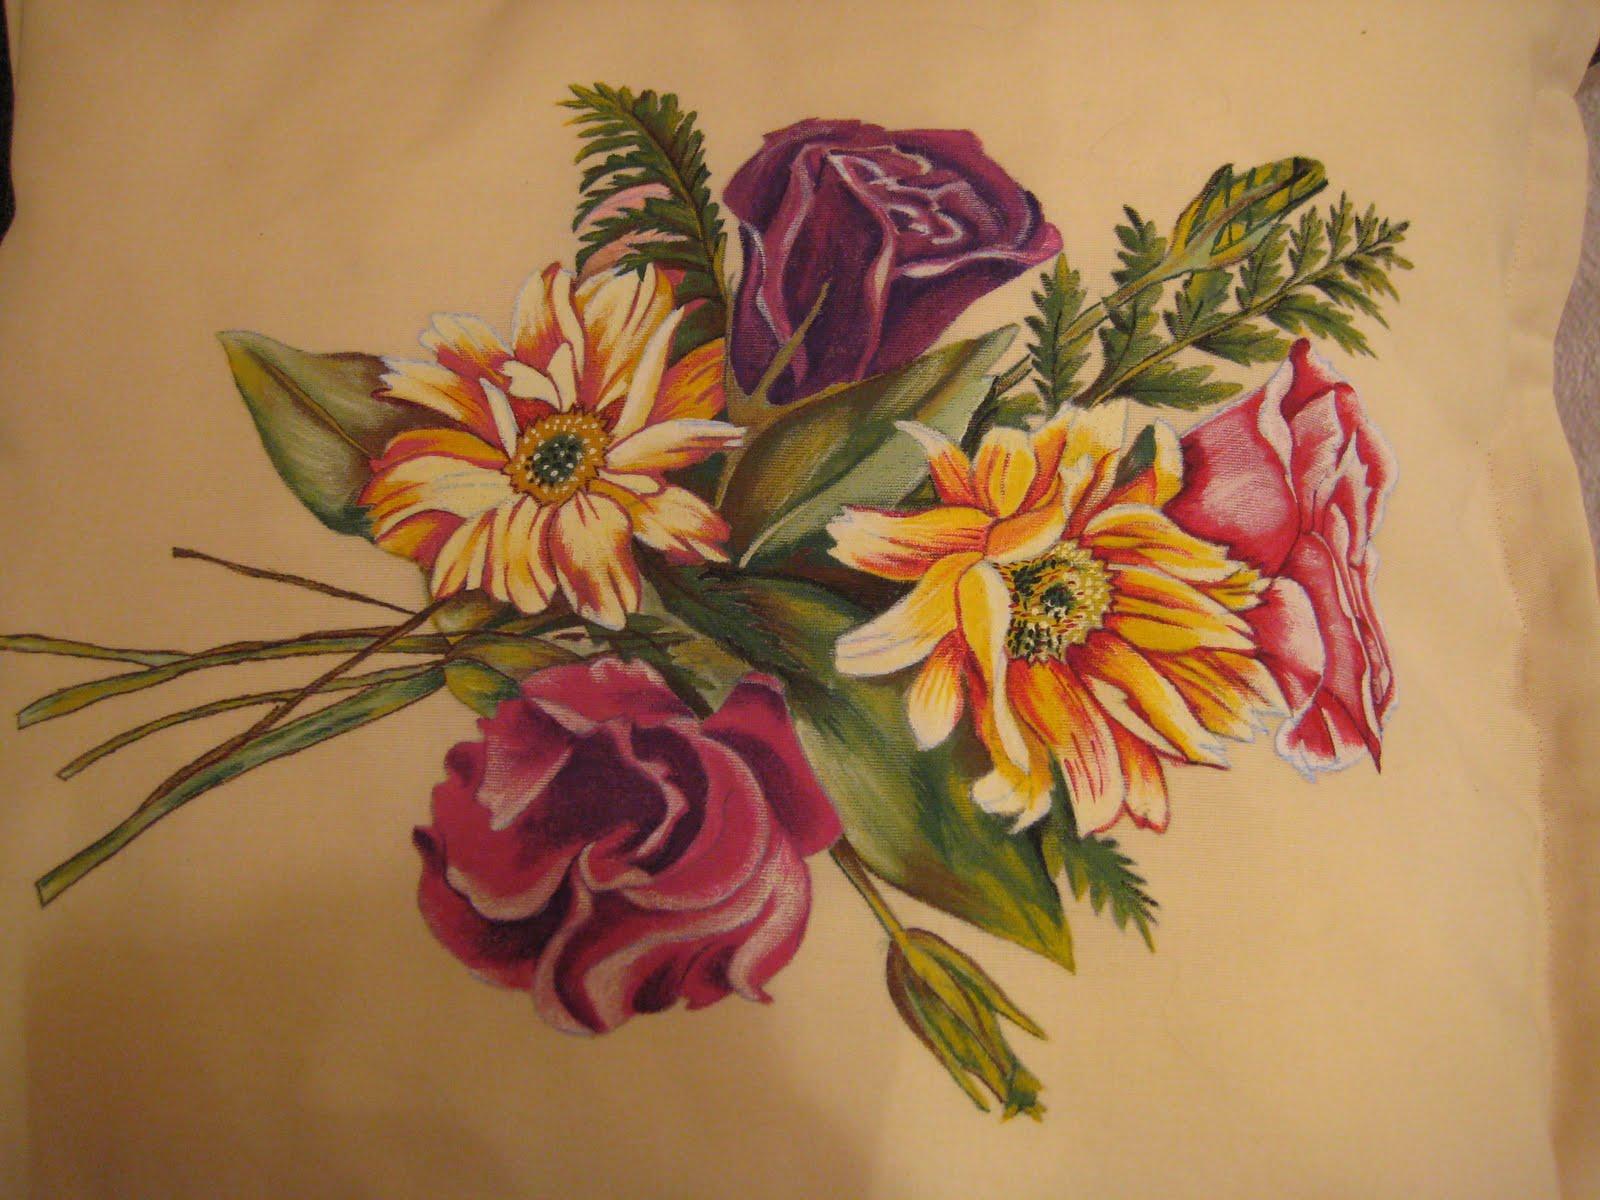 Asociaci n de mujeres mil labores arcoiris pintura en tela - Cojines pintados en tela ...